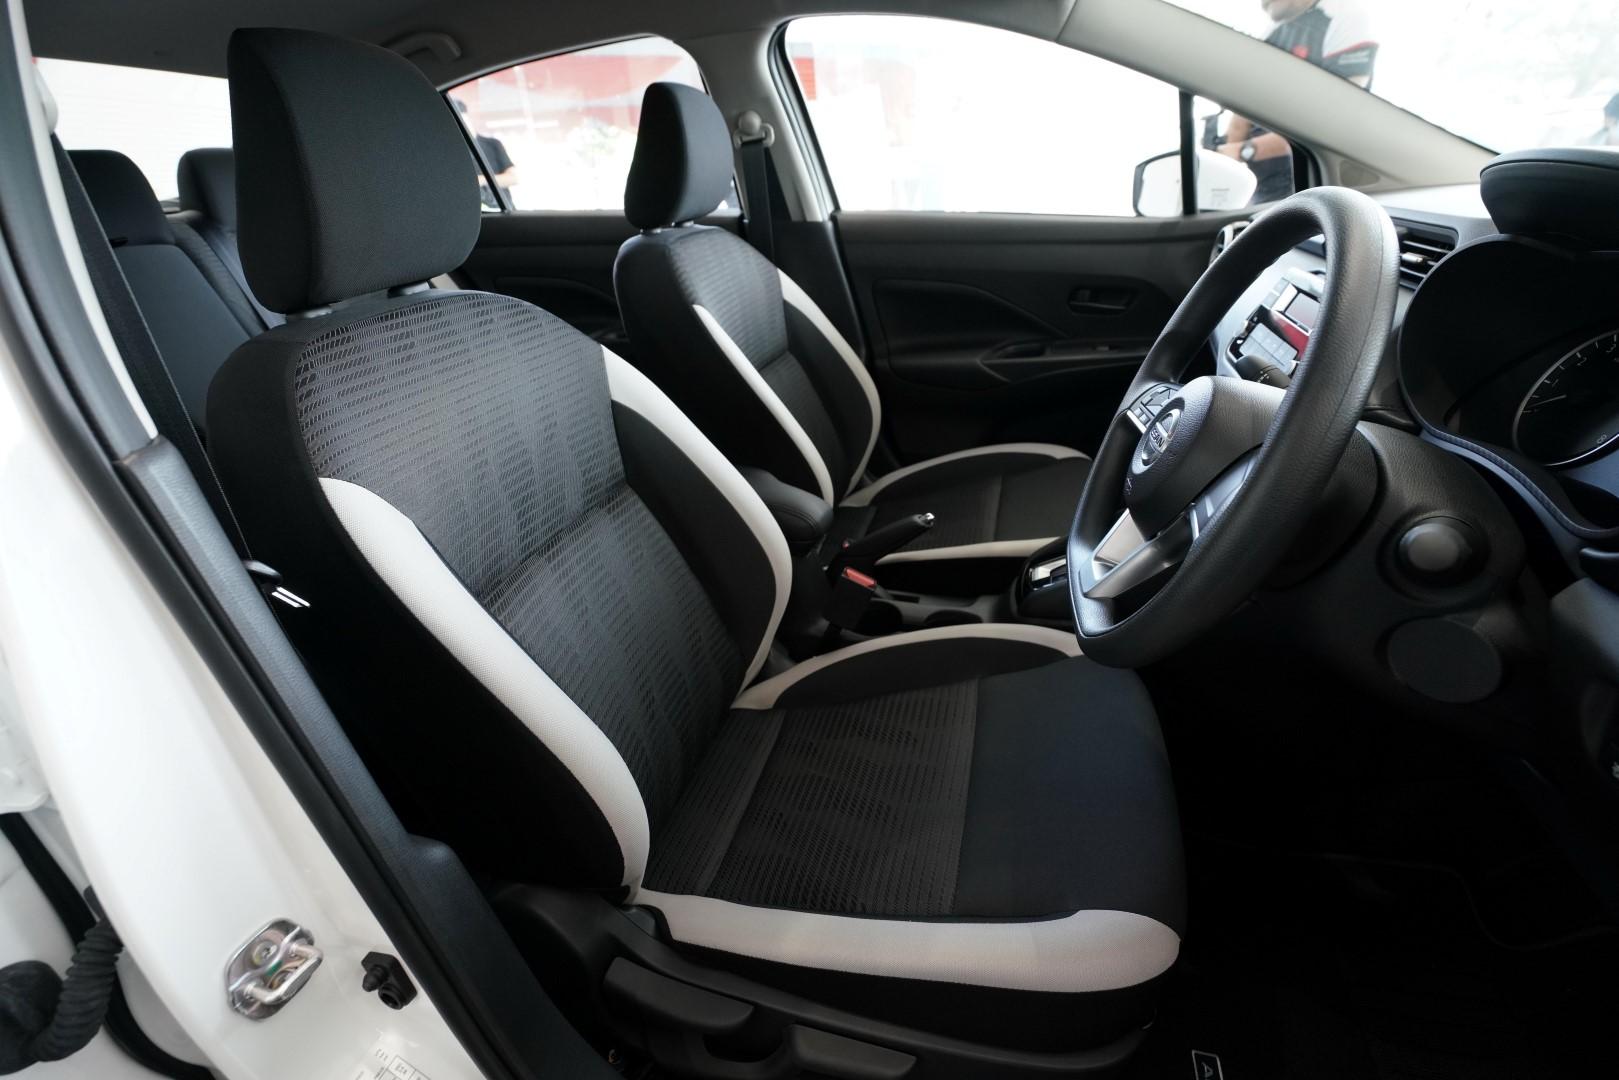 2020 Nissan Almera Seats